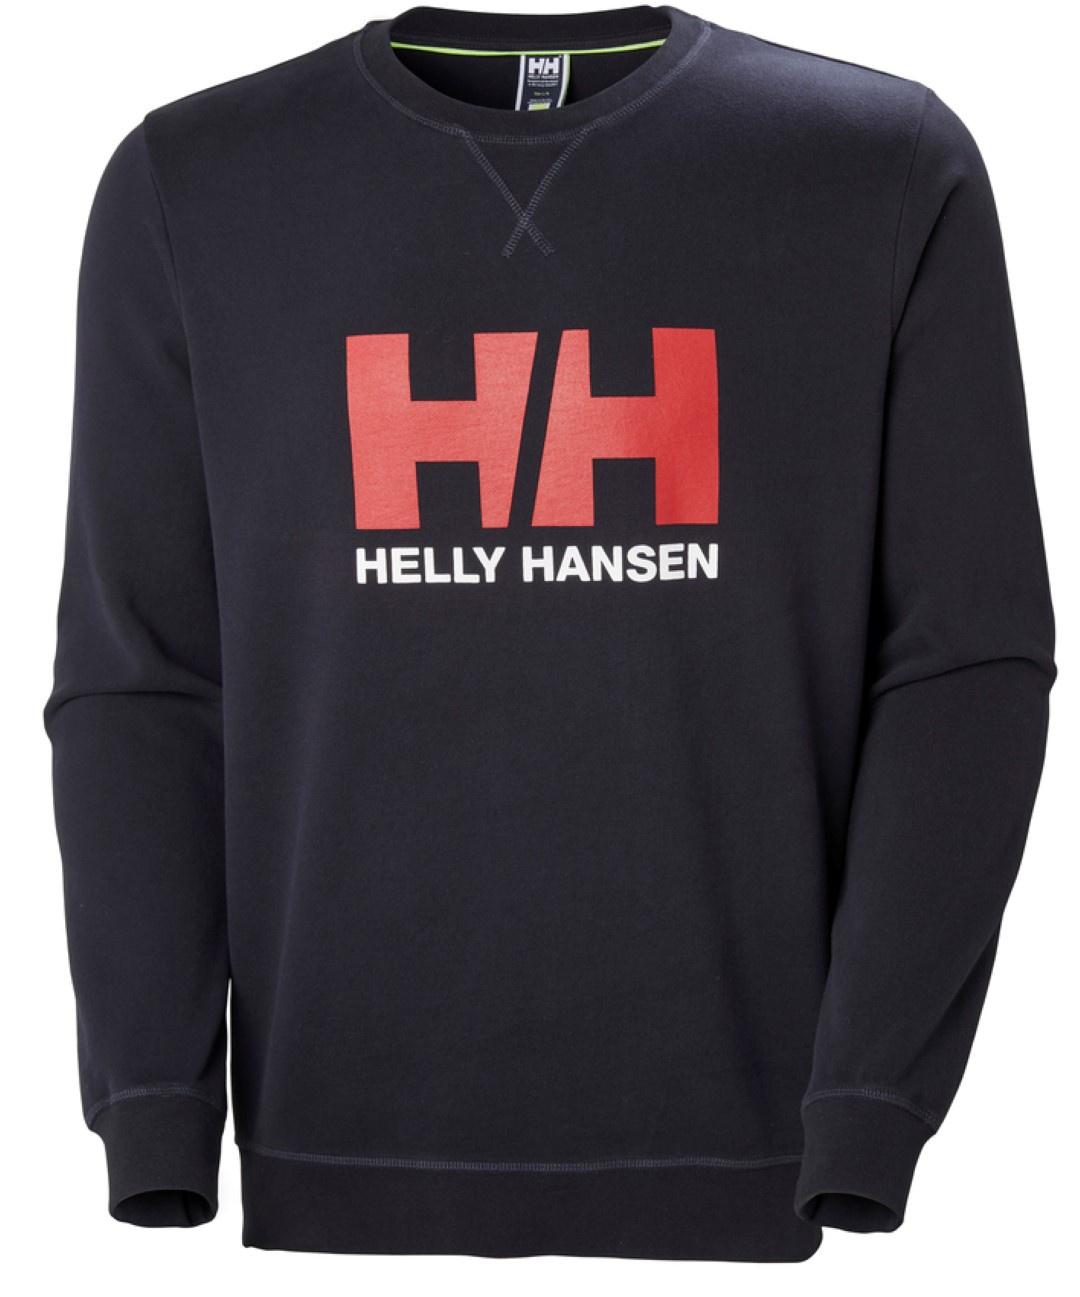 Жакет Helly Hansen худи мужское helly hansen tokyo hoodie цвет светло серый 53289 949 размер l 50